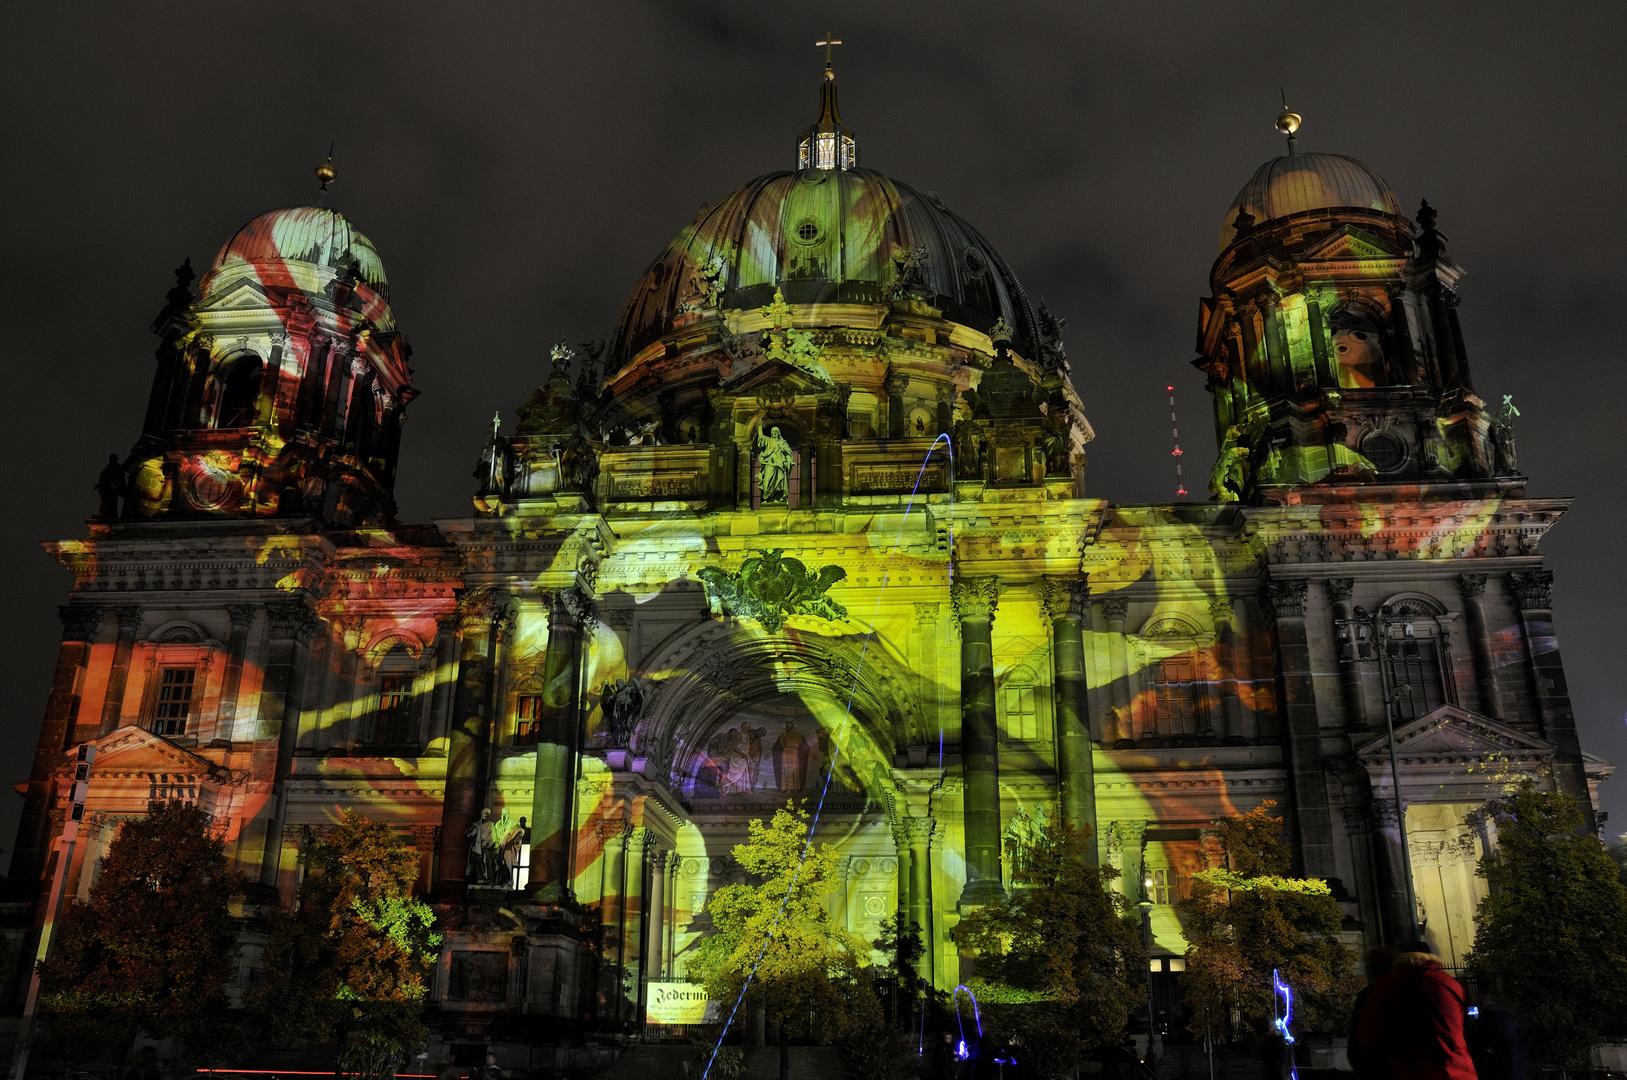 Festival of Lights 2